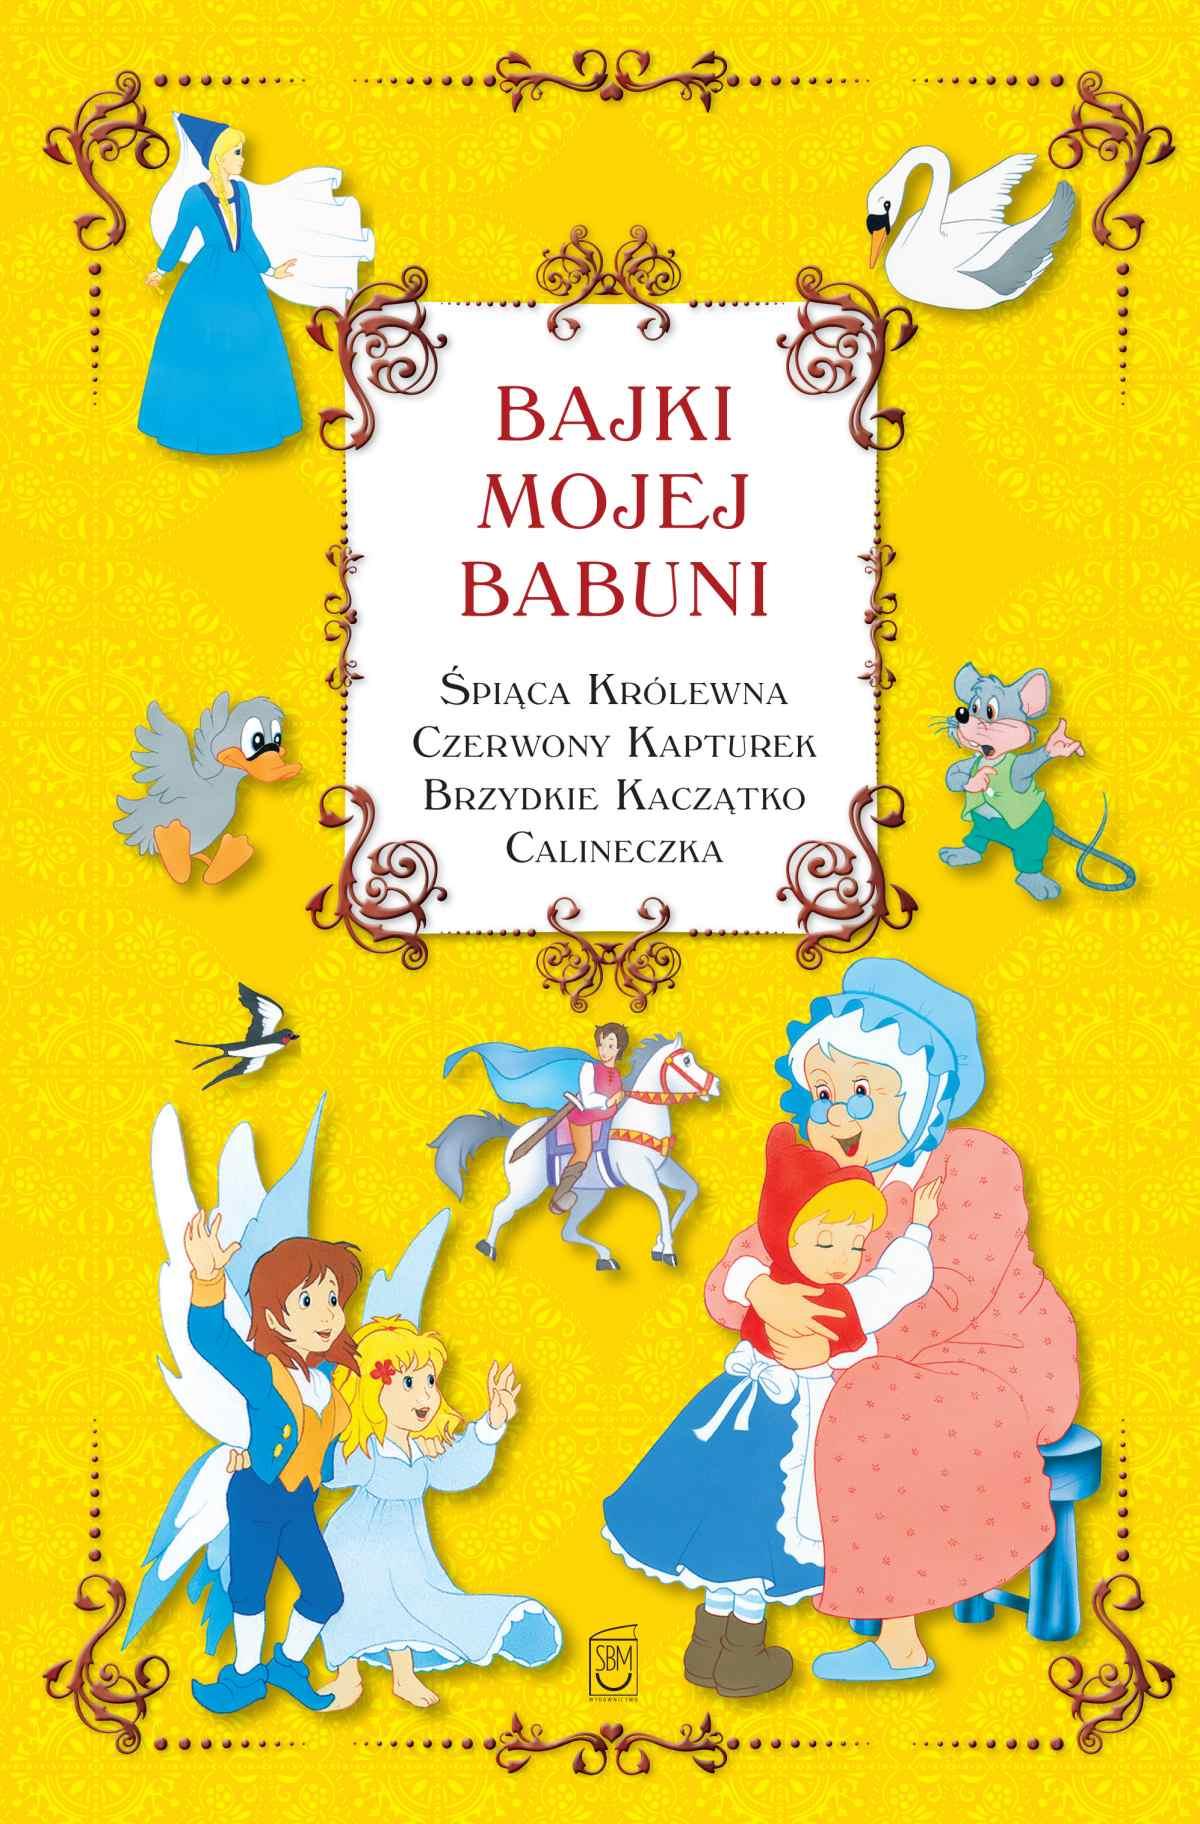 Bajki mojej babuni - Ebook (Książka PDF) do pobrania w formacie PDF